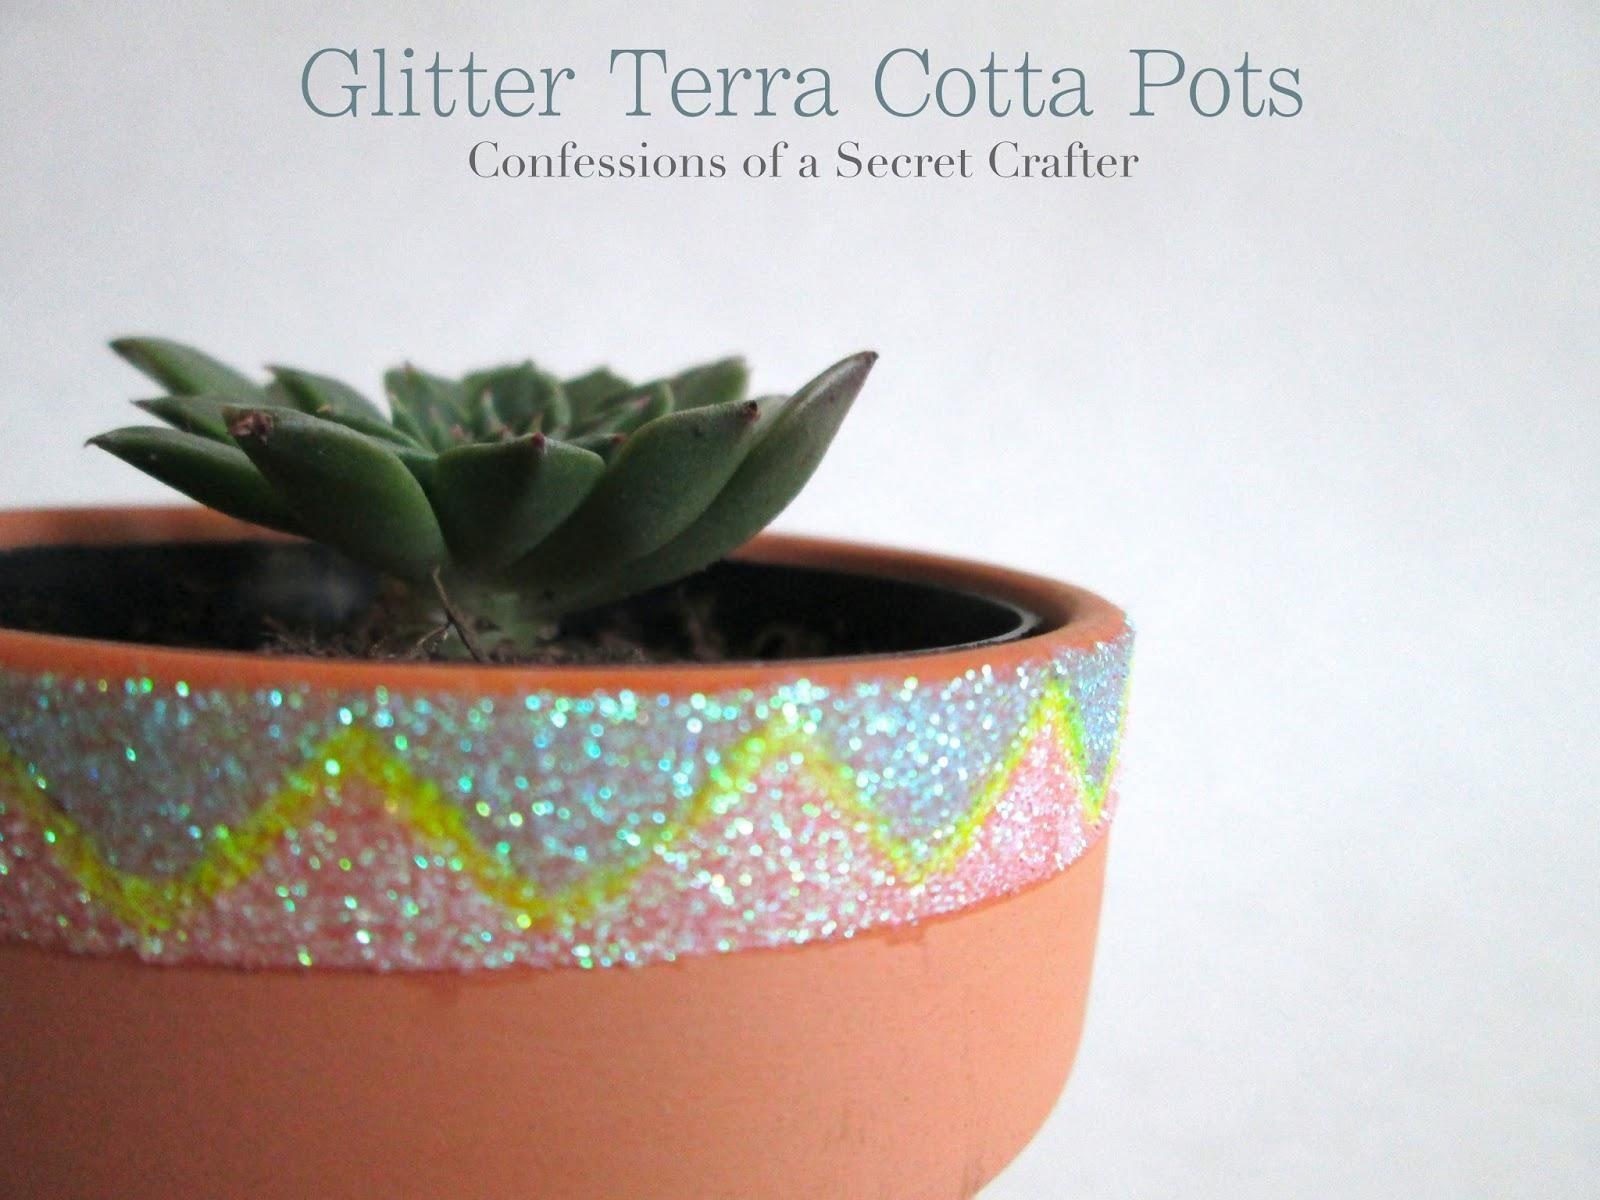 Glitter Terra Cotta Pots Terracotta Pots Clay Pot Crafts Michaels Crafts Store